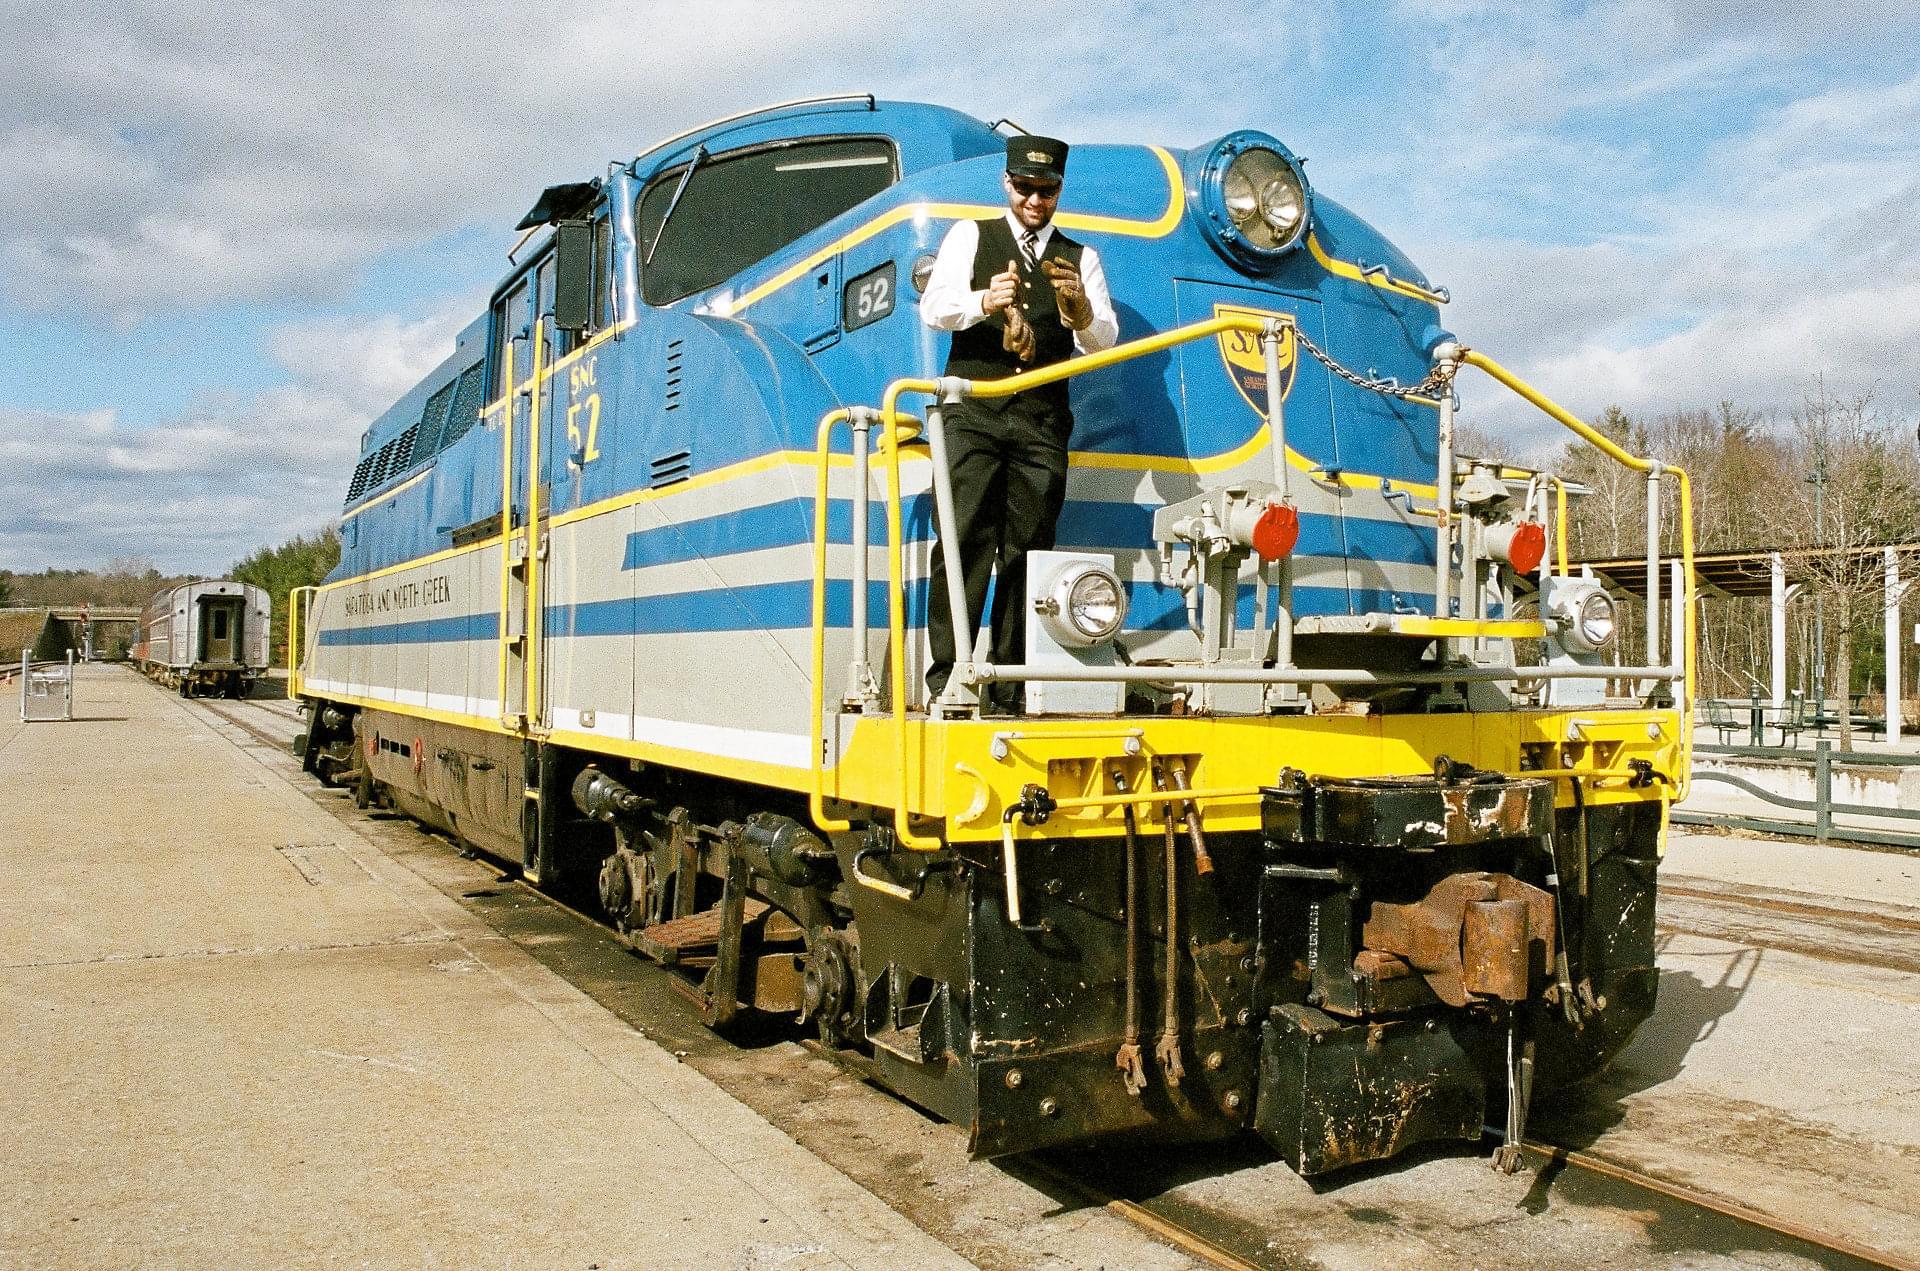 图 4: S&NC 铁路的最后一天,Minolta a-7, Minolta AF 24-50/4, Kodak Porta 400.